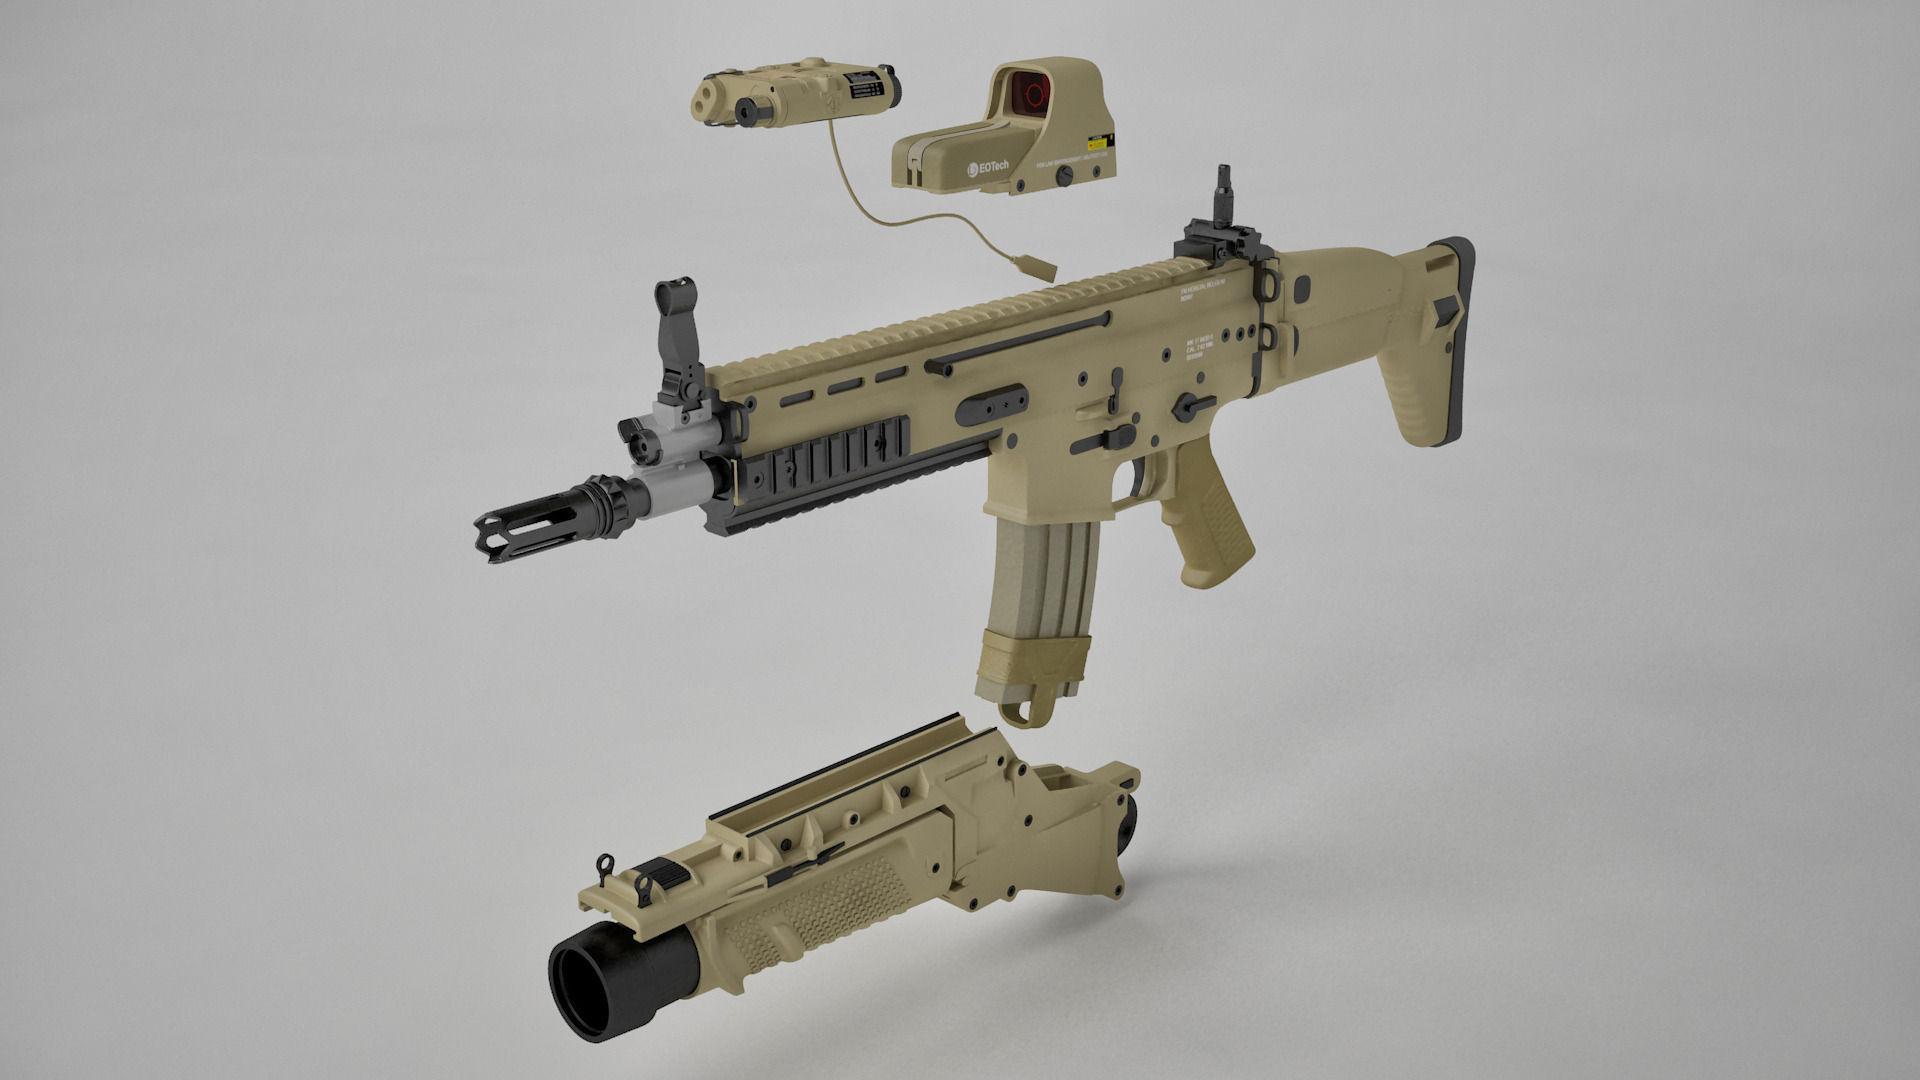 Combat Assault Rifle Fn Scar H 3d Model Max C4d Cgtrader Com